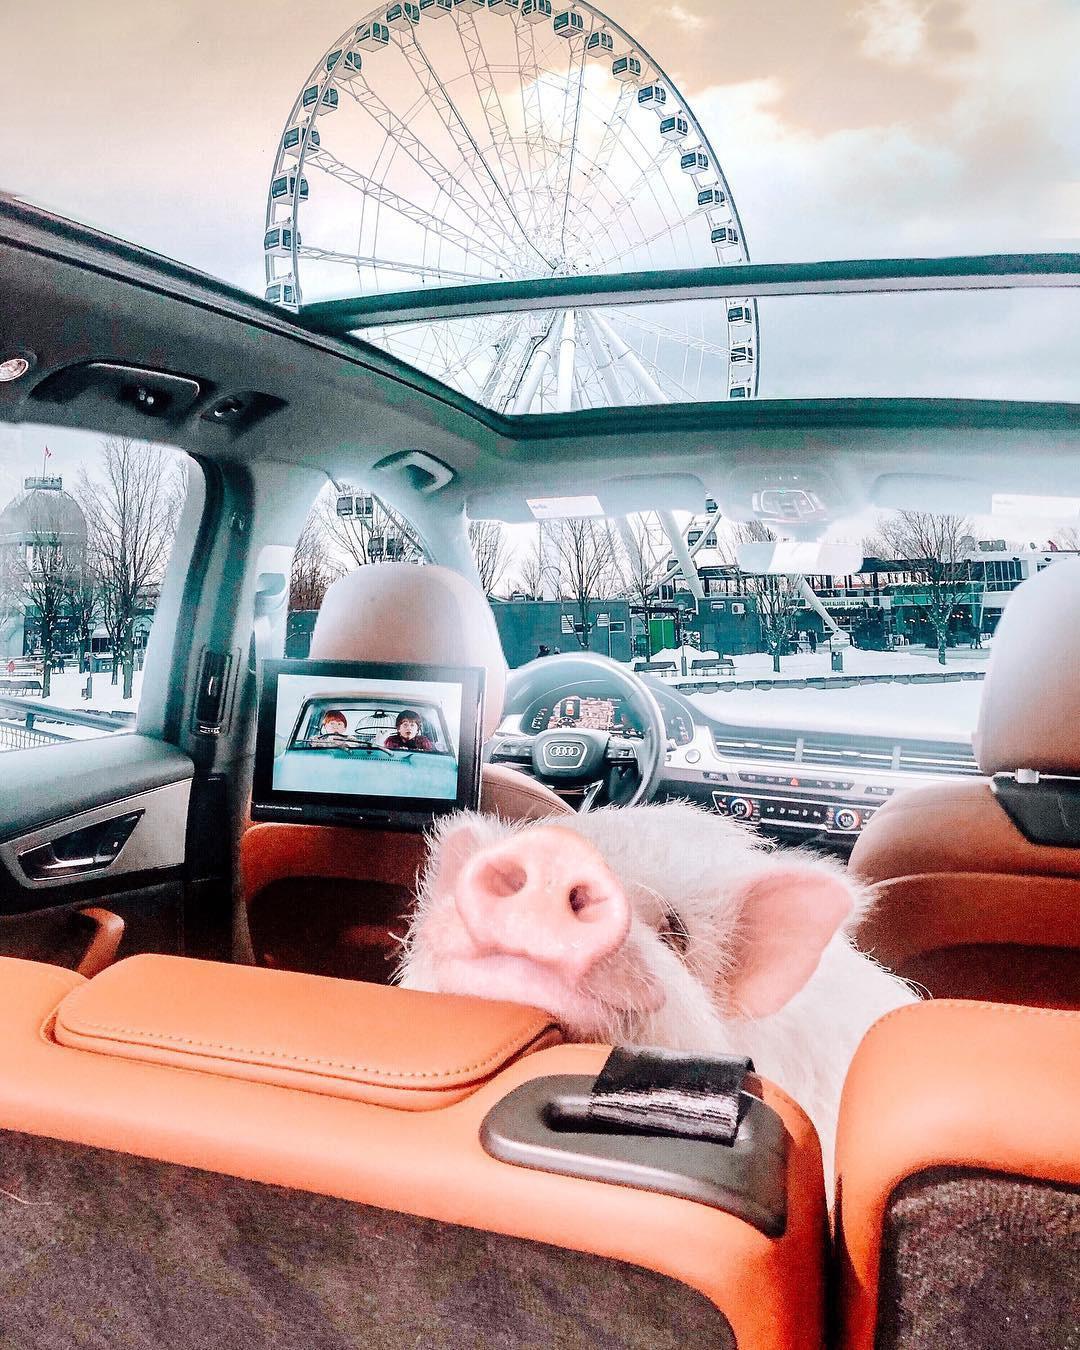 Cảm giác ghen tị là khi bạn phải đi làm vào thứ 2 còn chú lợn này lại được du lịch vòng quanh thế giới, đã vậy còn có hẳn 100k người theo dõi trên MXH - Ảnh 15.